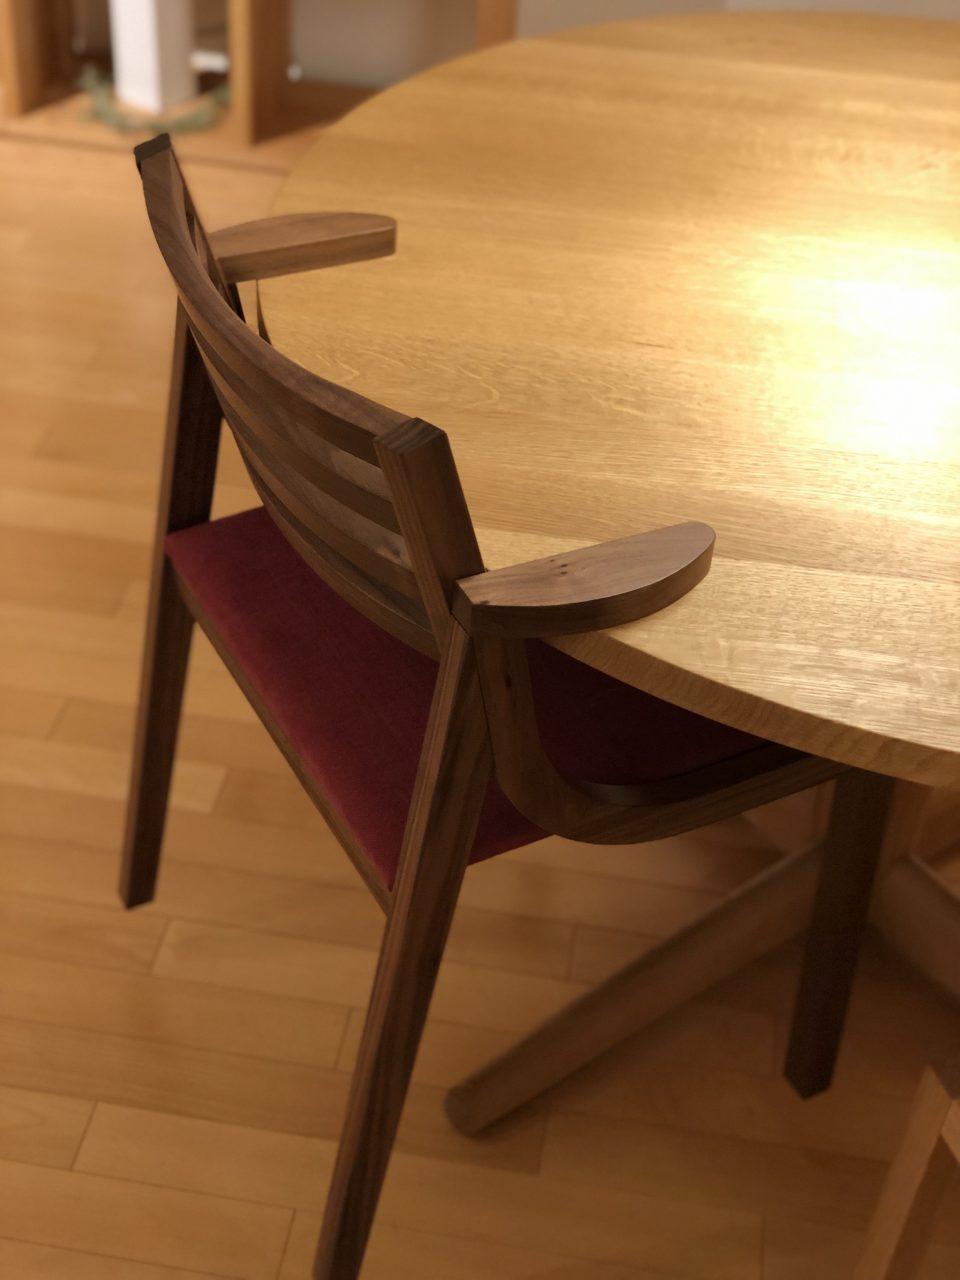 ハーフアームチェアの特徴としてテーブルにかけて掃除がしやすくなるのも良いところです